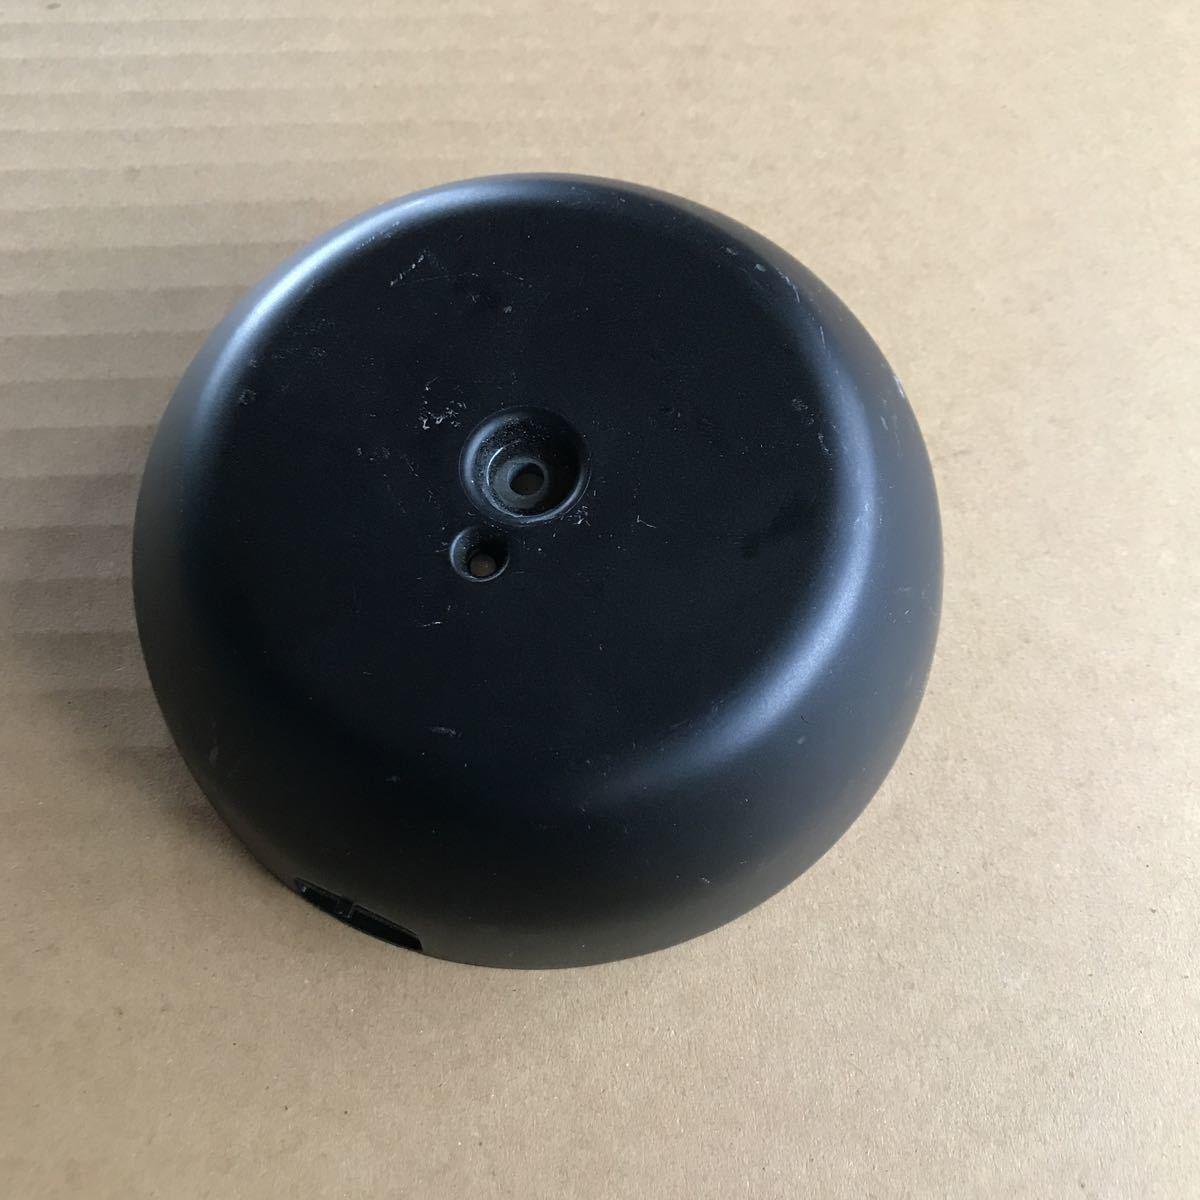 「M08」Panasonic 赤外線ワイヤレスシステム受光センサー WX-LS100 取付ネジない 現状出品_画像1